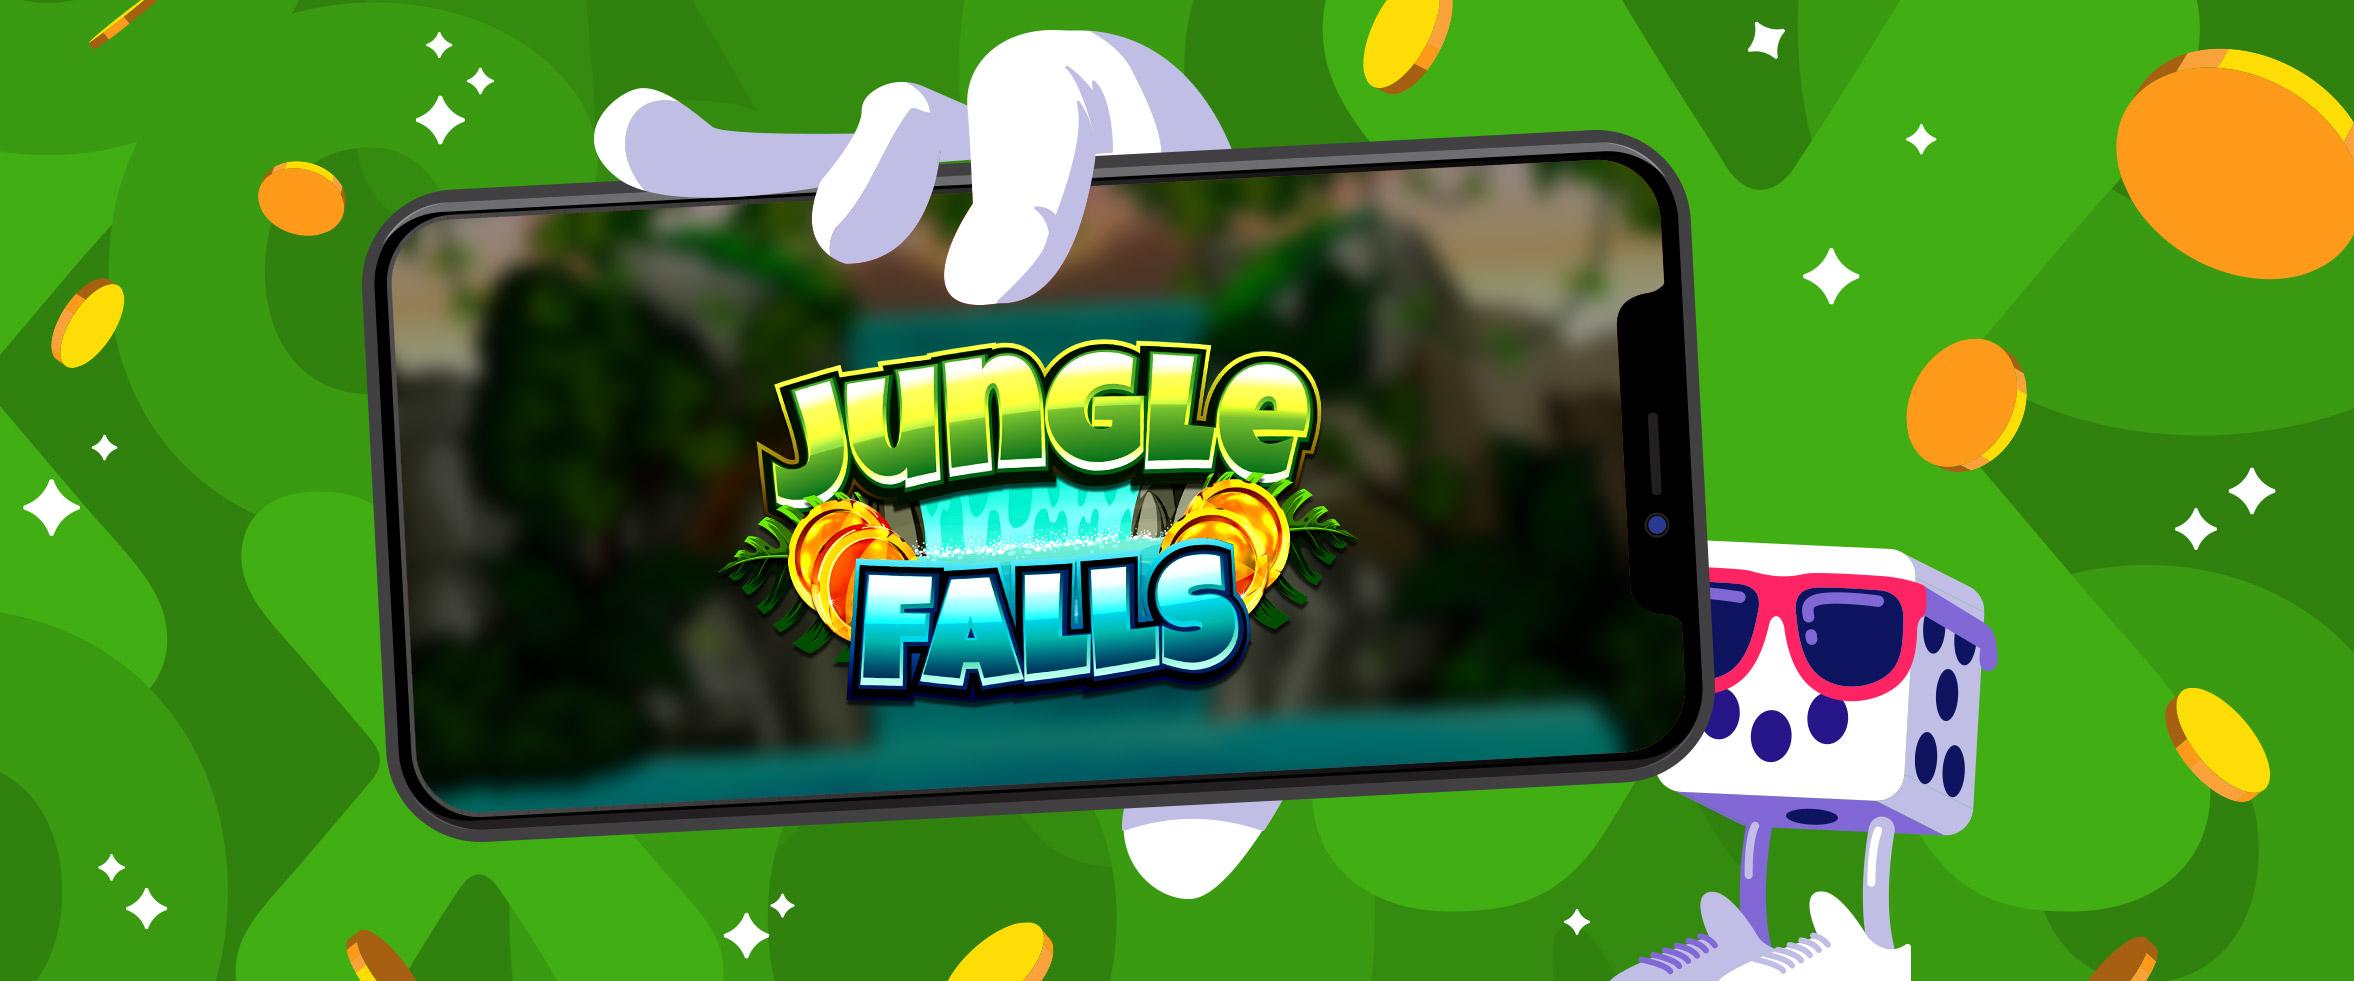 Pelaa eksklusiivista uutta Jungle Falls -peliä Double Speedillä